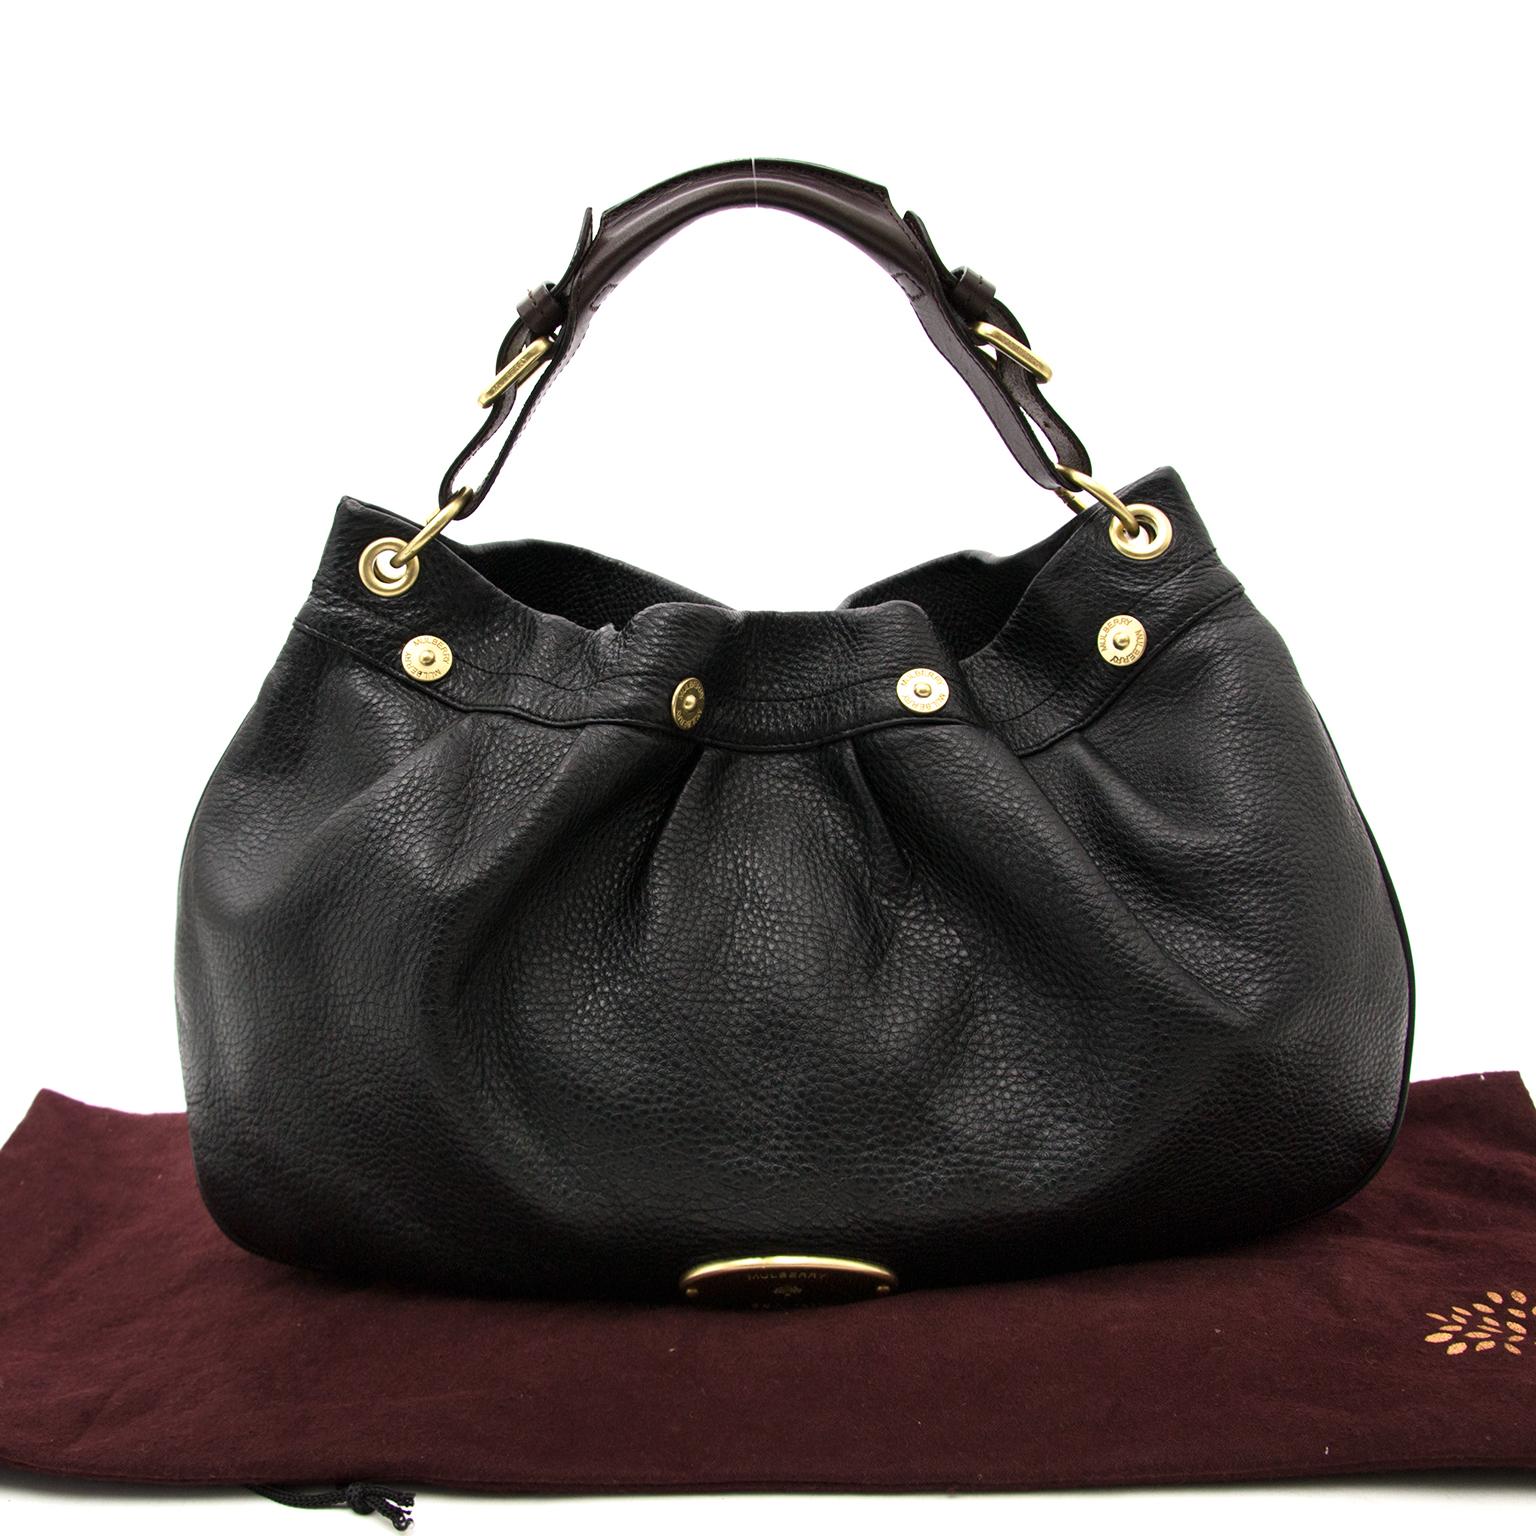 Mulberry Mitzy Handtasche Aus Schwarzes Leder heute online auf labellov.com gegen den besten Preis.